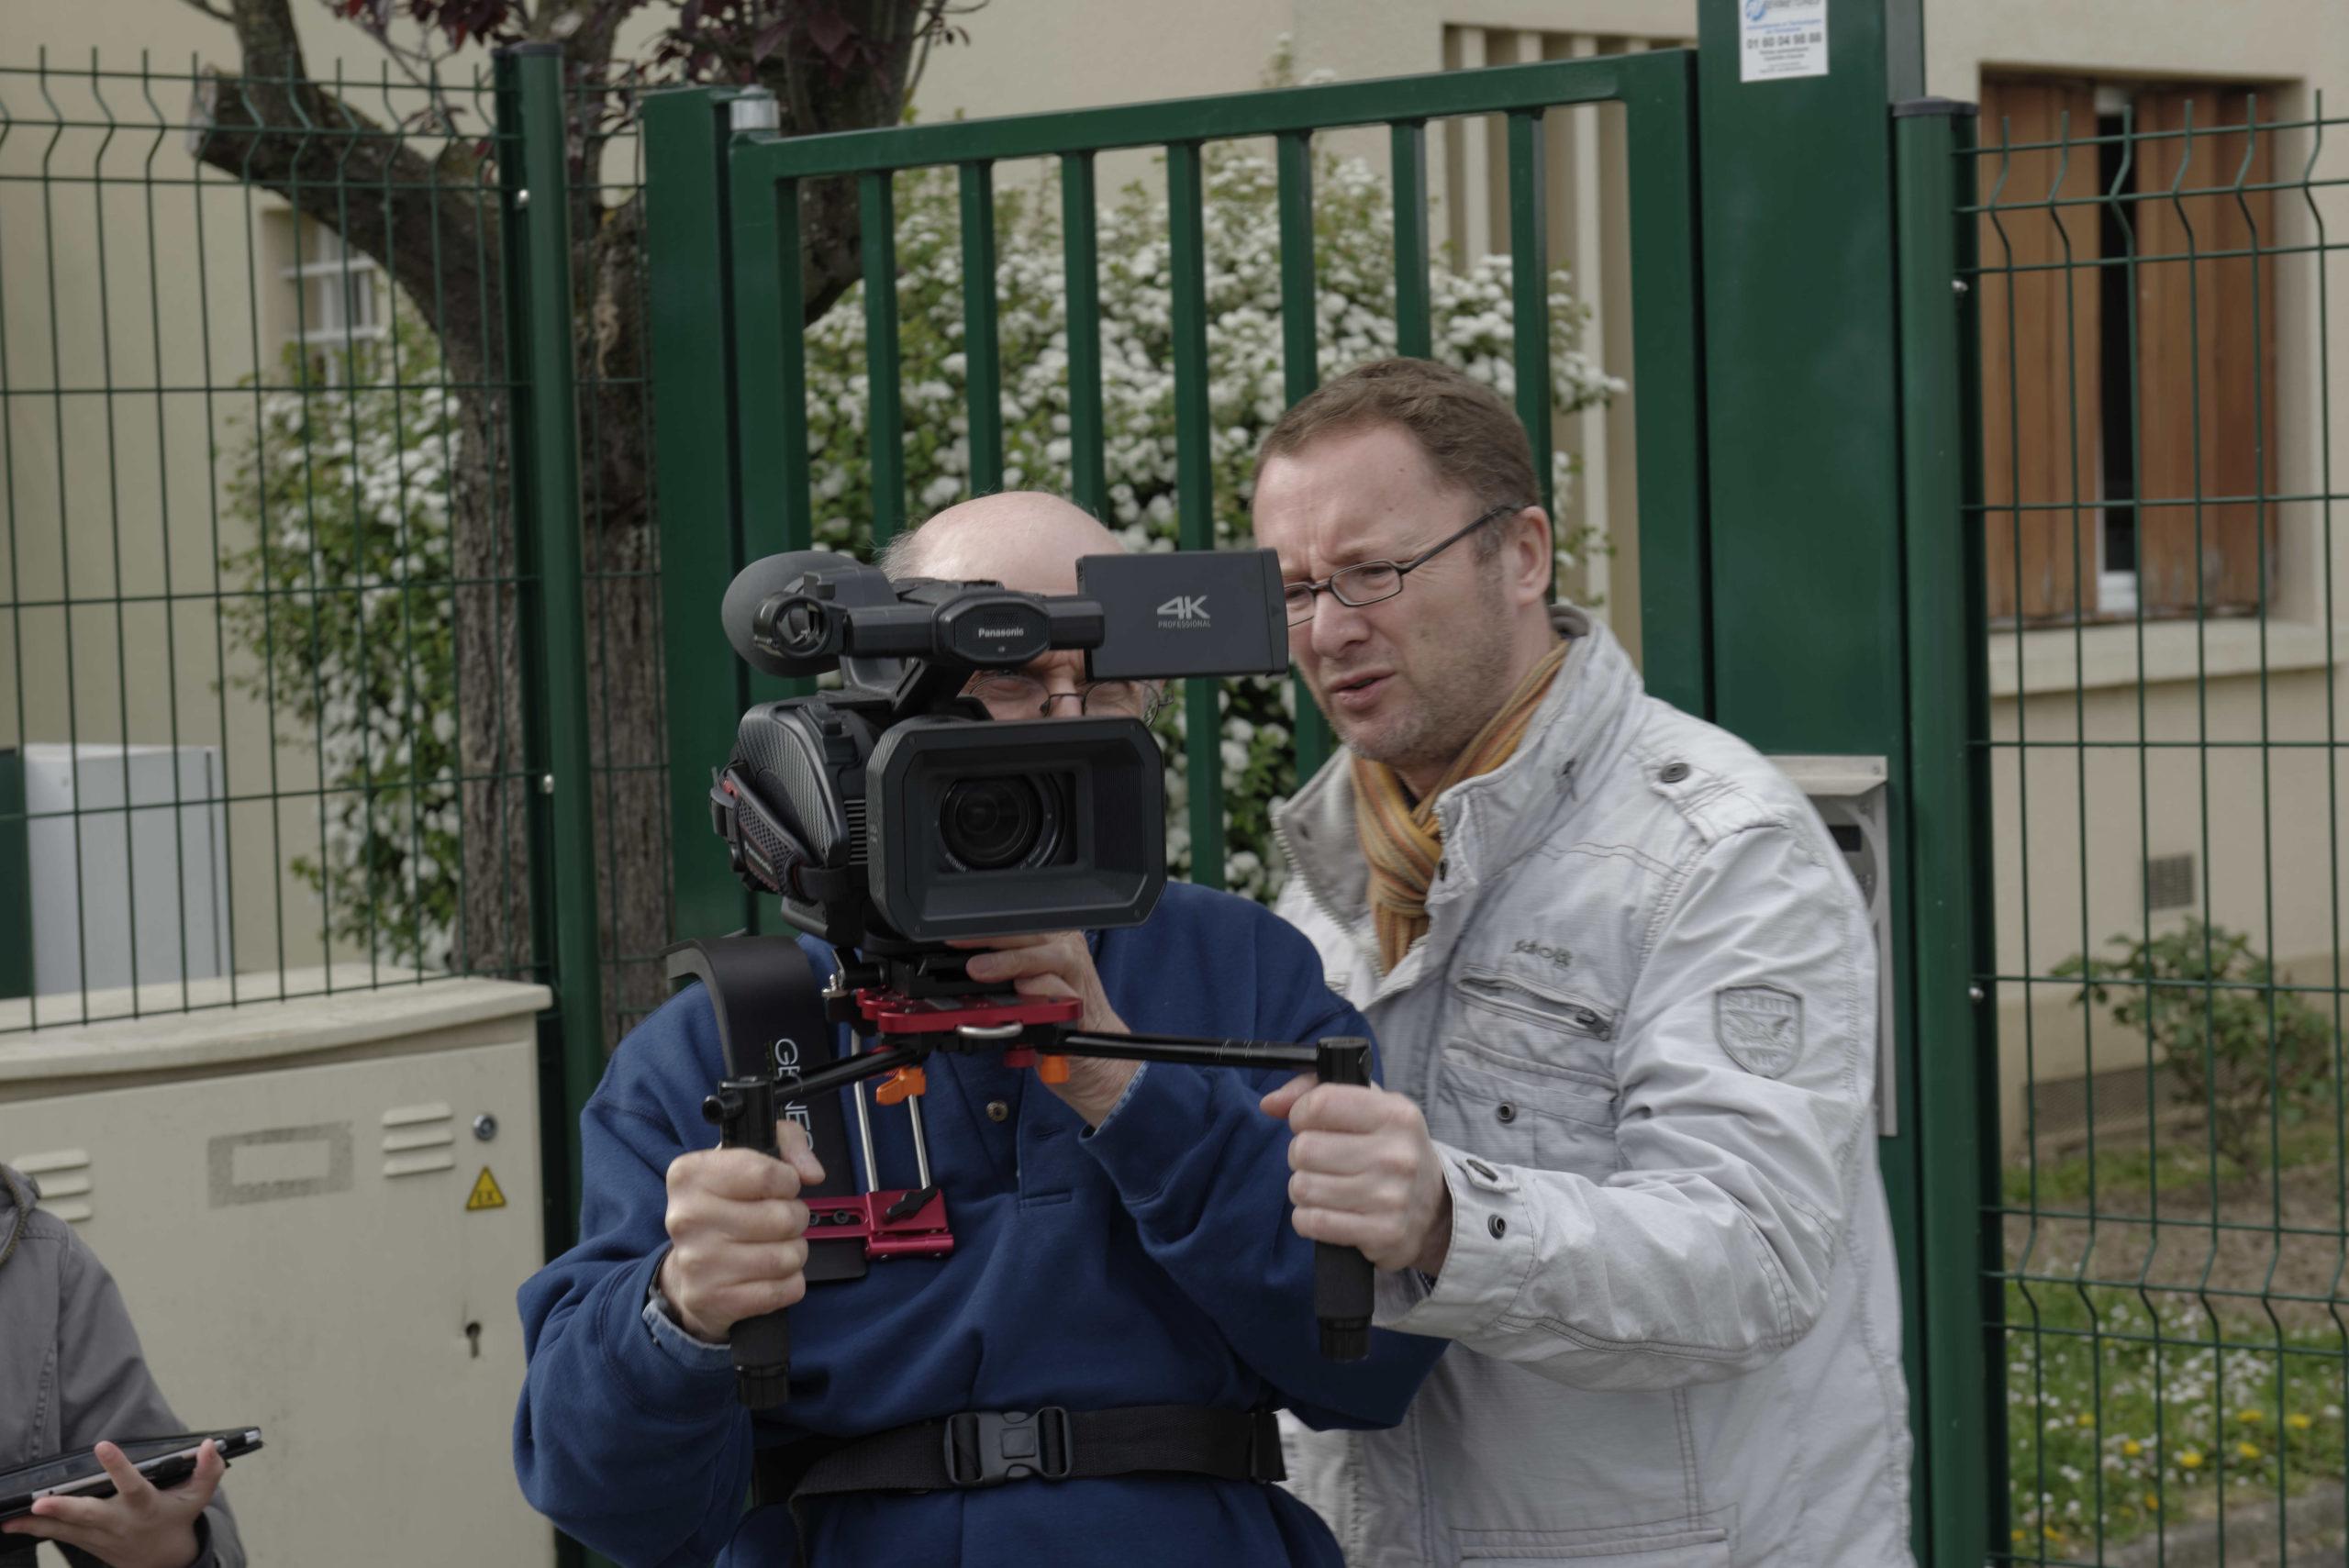 Pere et impair photos tournage 20